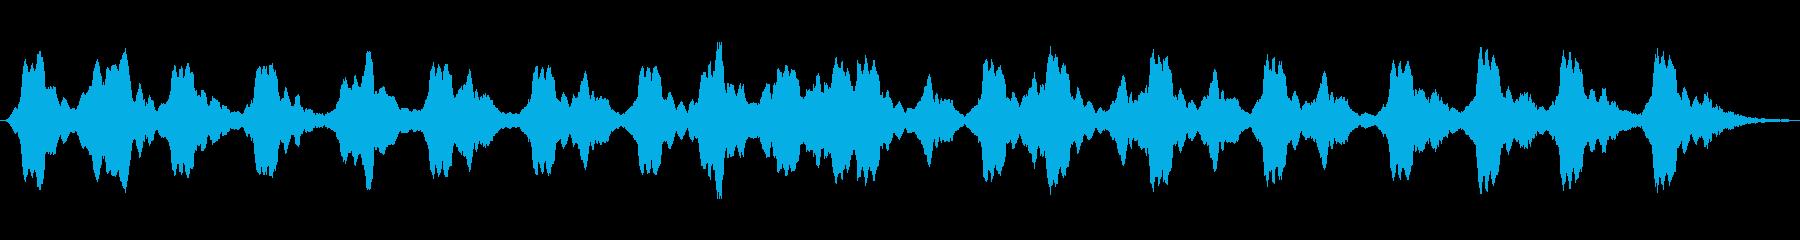 アナログパッド音で綴ったアンビエント音楽の再生済みの波形